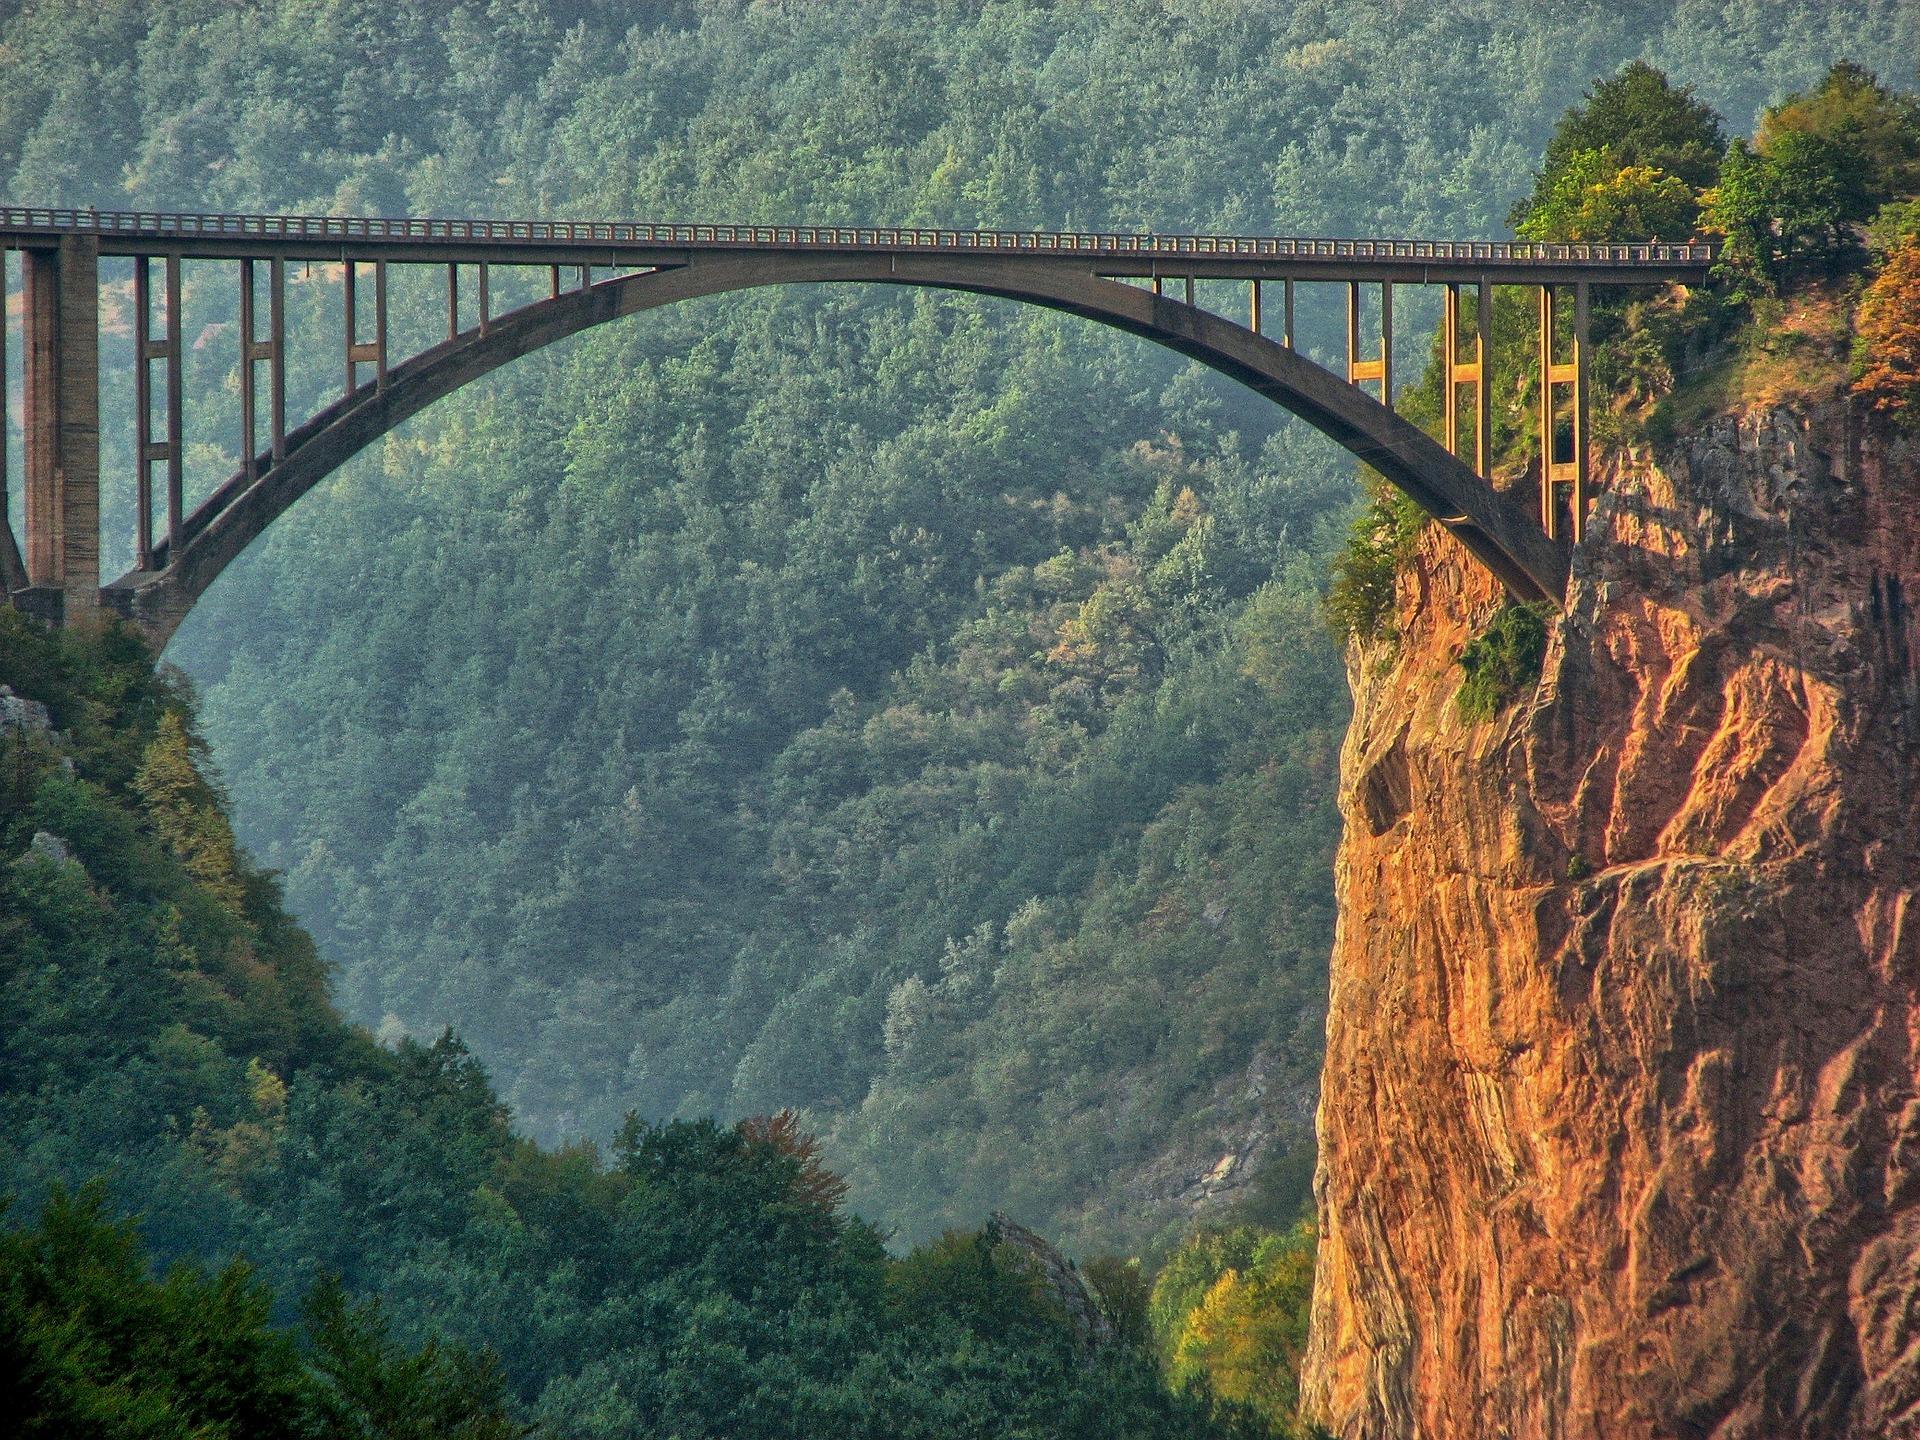 Osteuropa Brücke